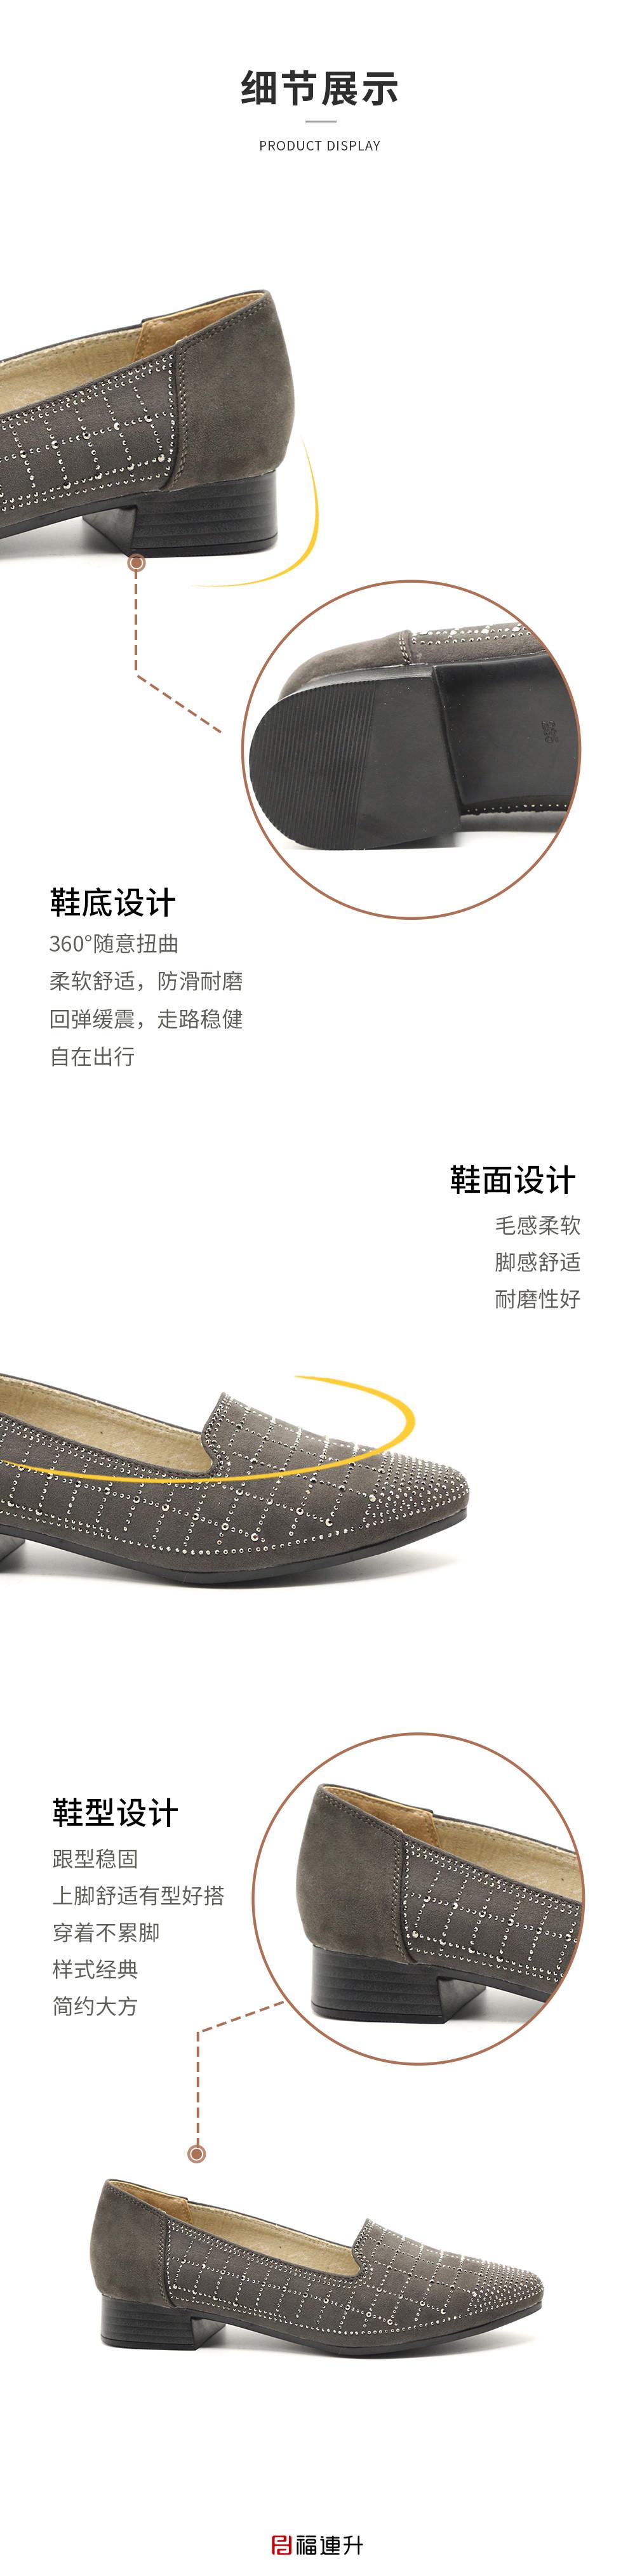 福连升休闲鞋工装鞋一脚蹬单鞋低粗跟尖头女鞋水钻浅口妈妈鞋图片